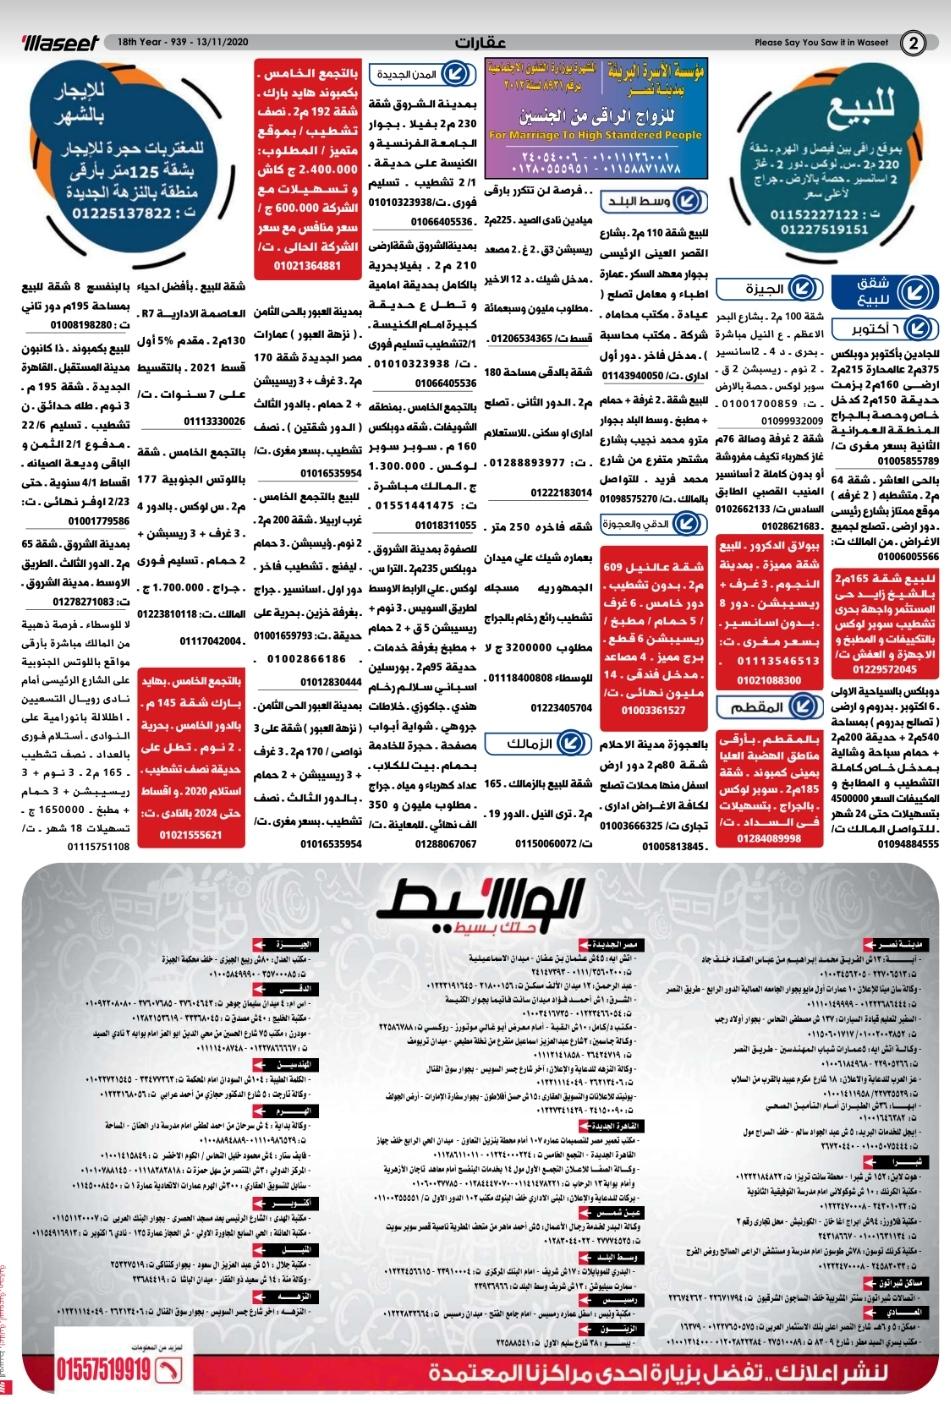 وظائف الوسيط و اعلانات مصر الجمعه 13 نوفمبر 2020